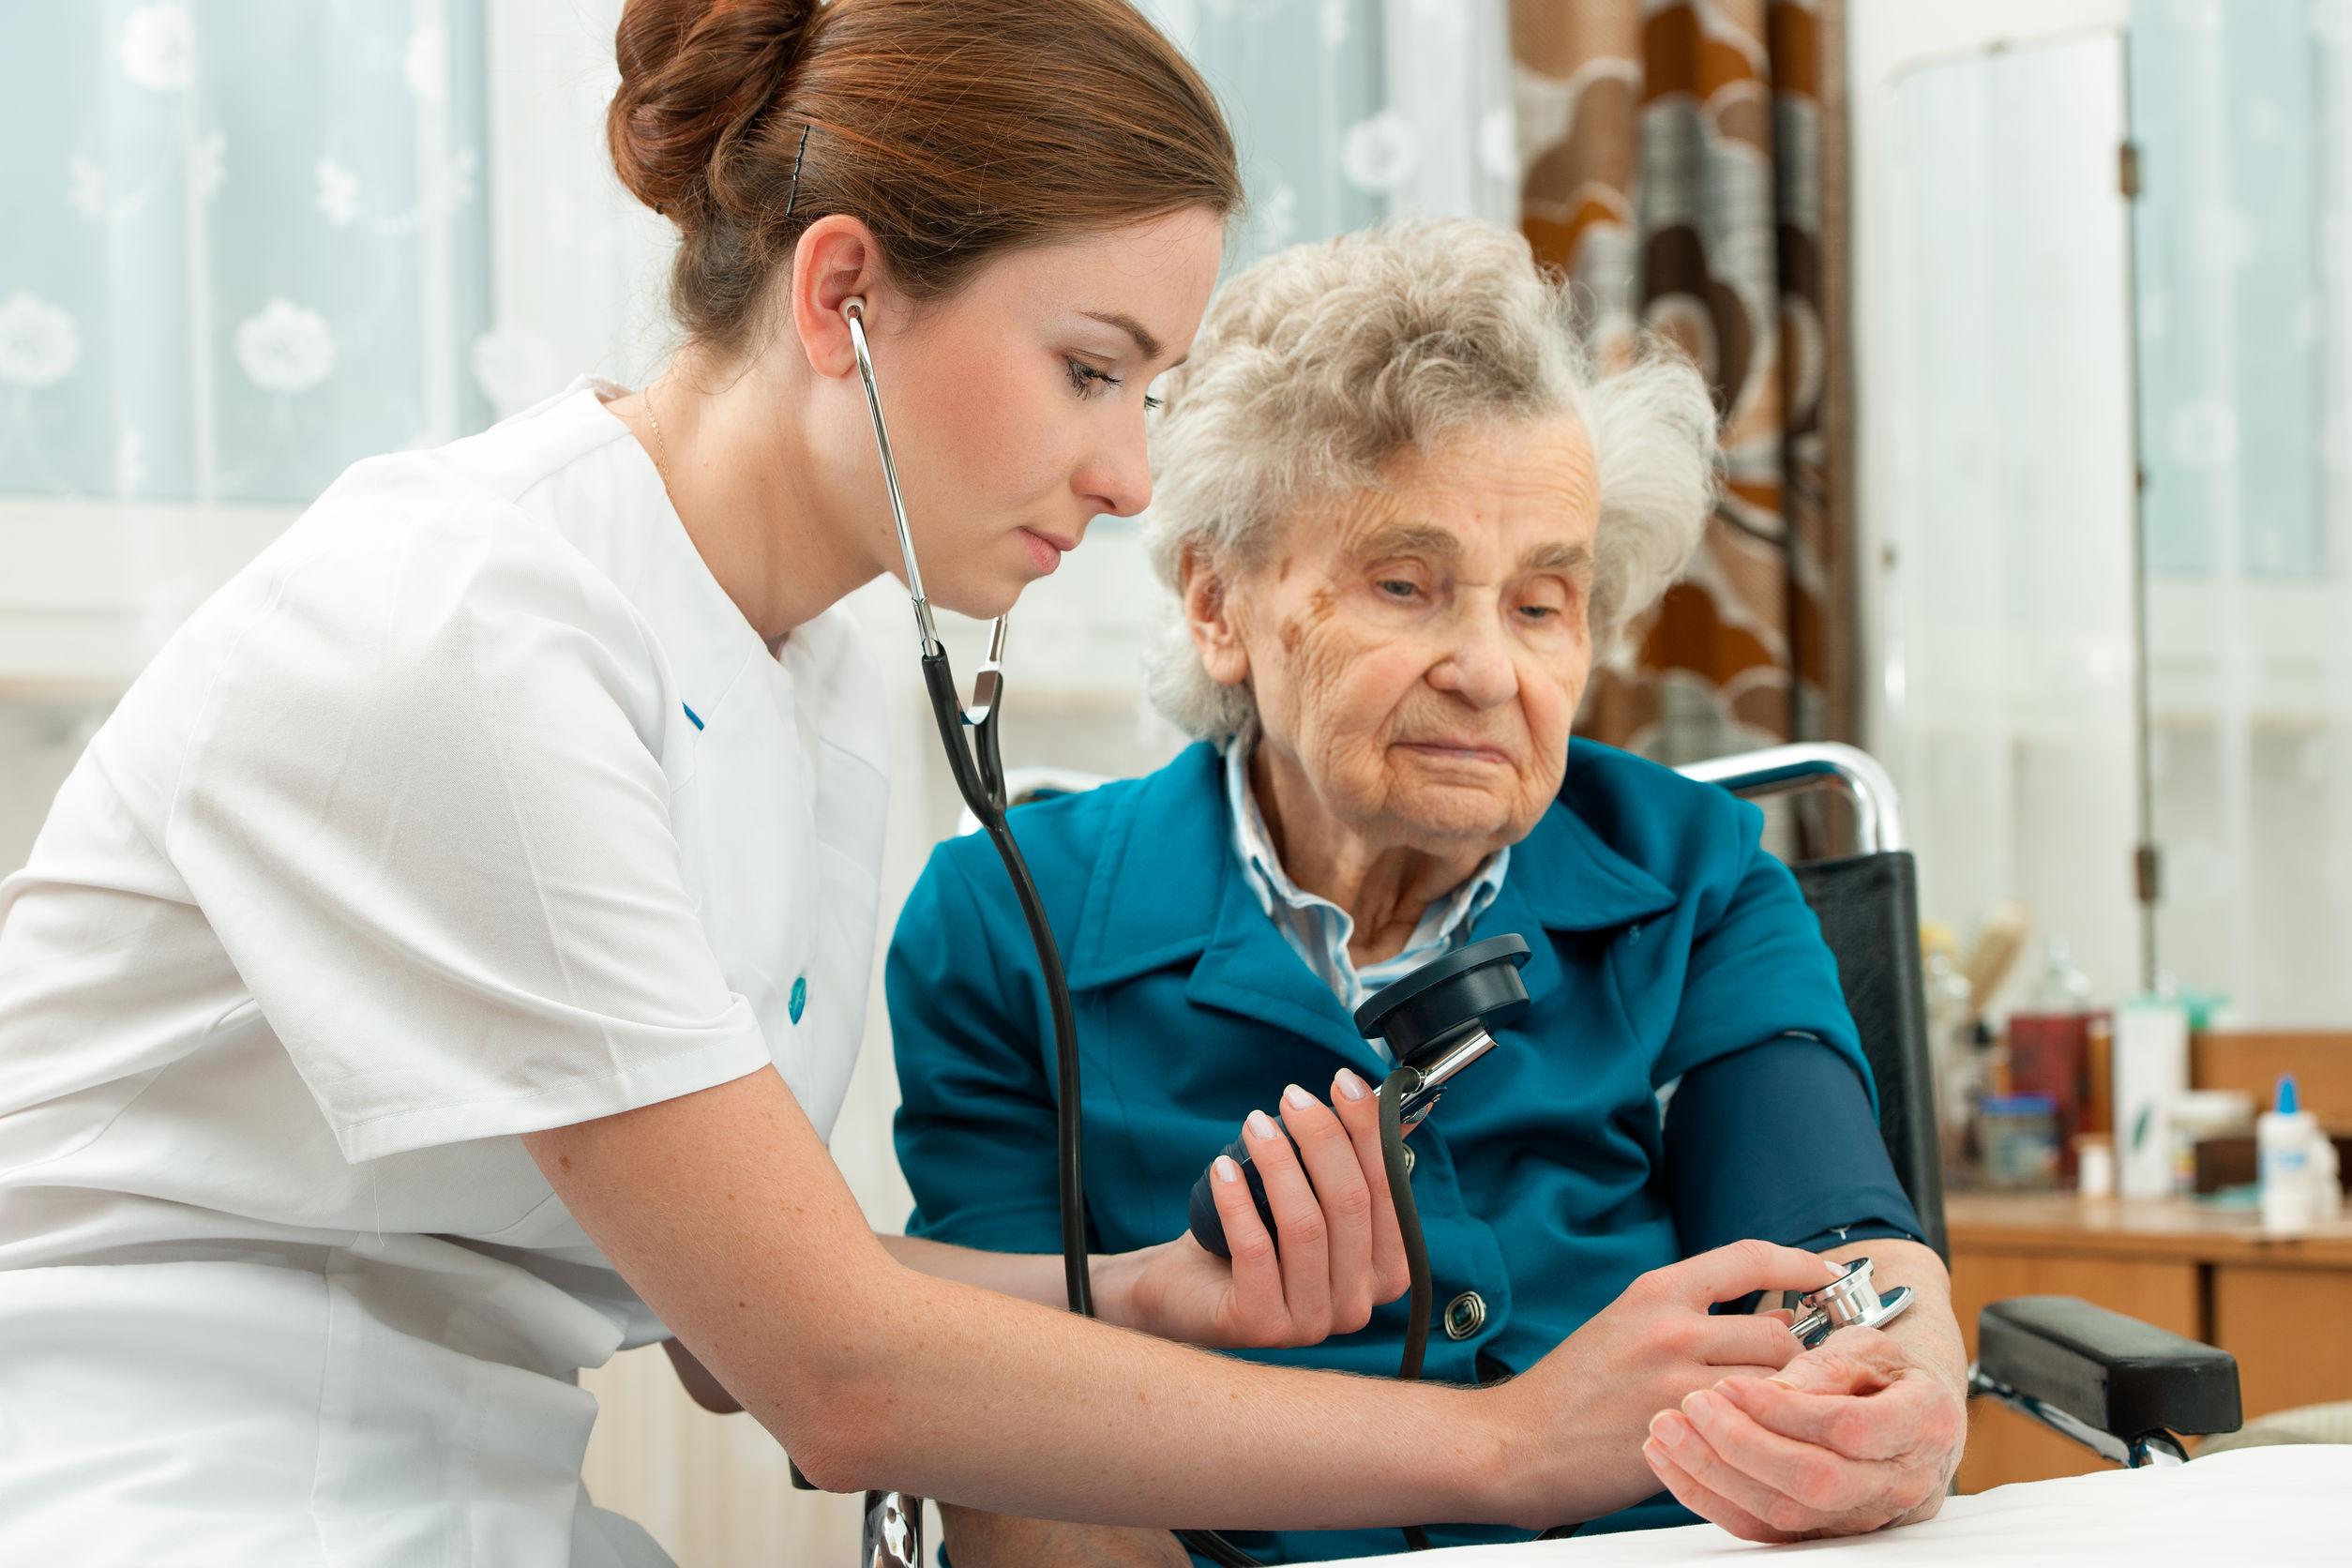 medida de presion del adulto mayor -nurses daily